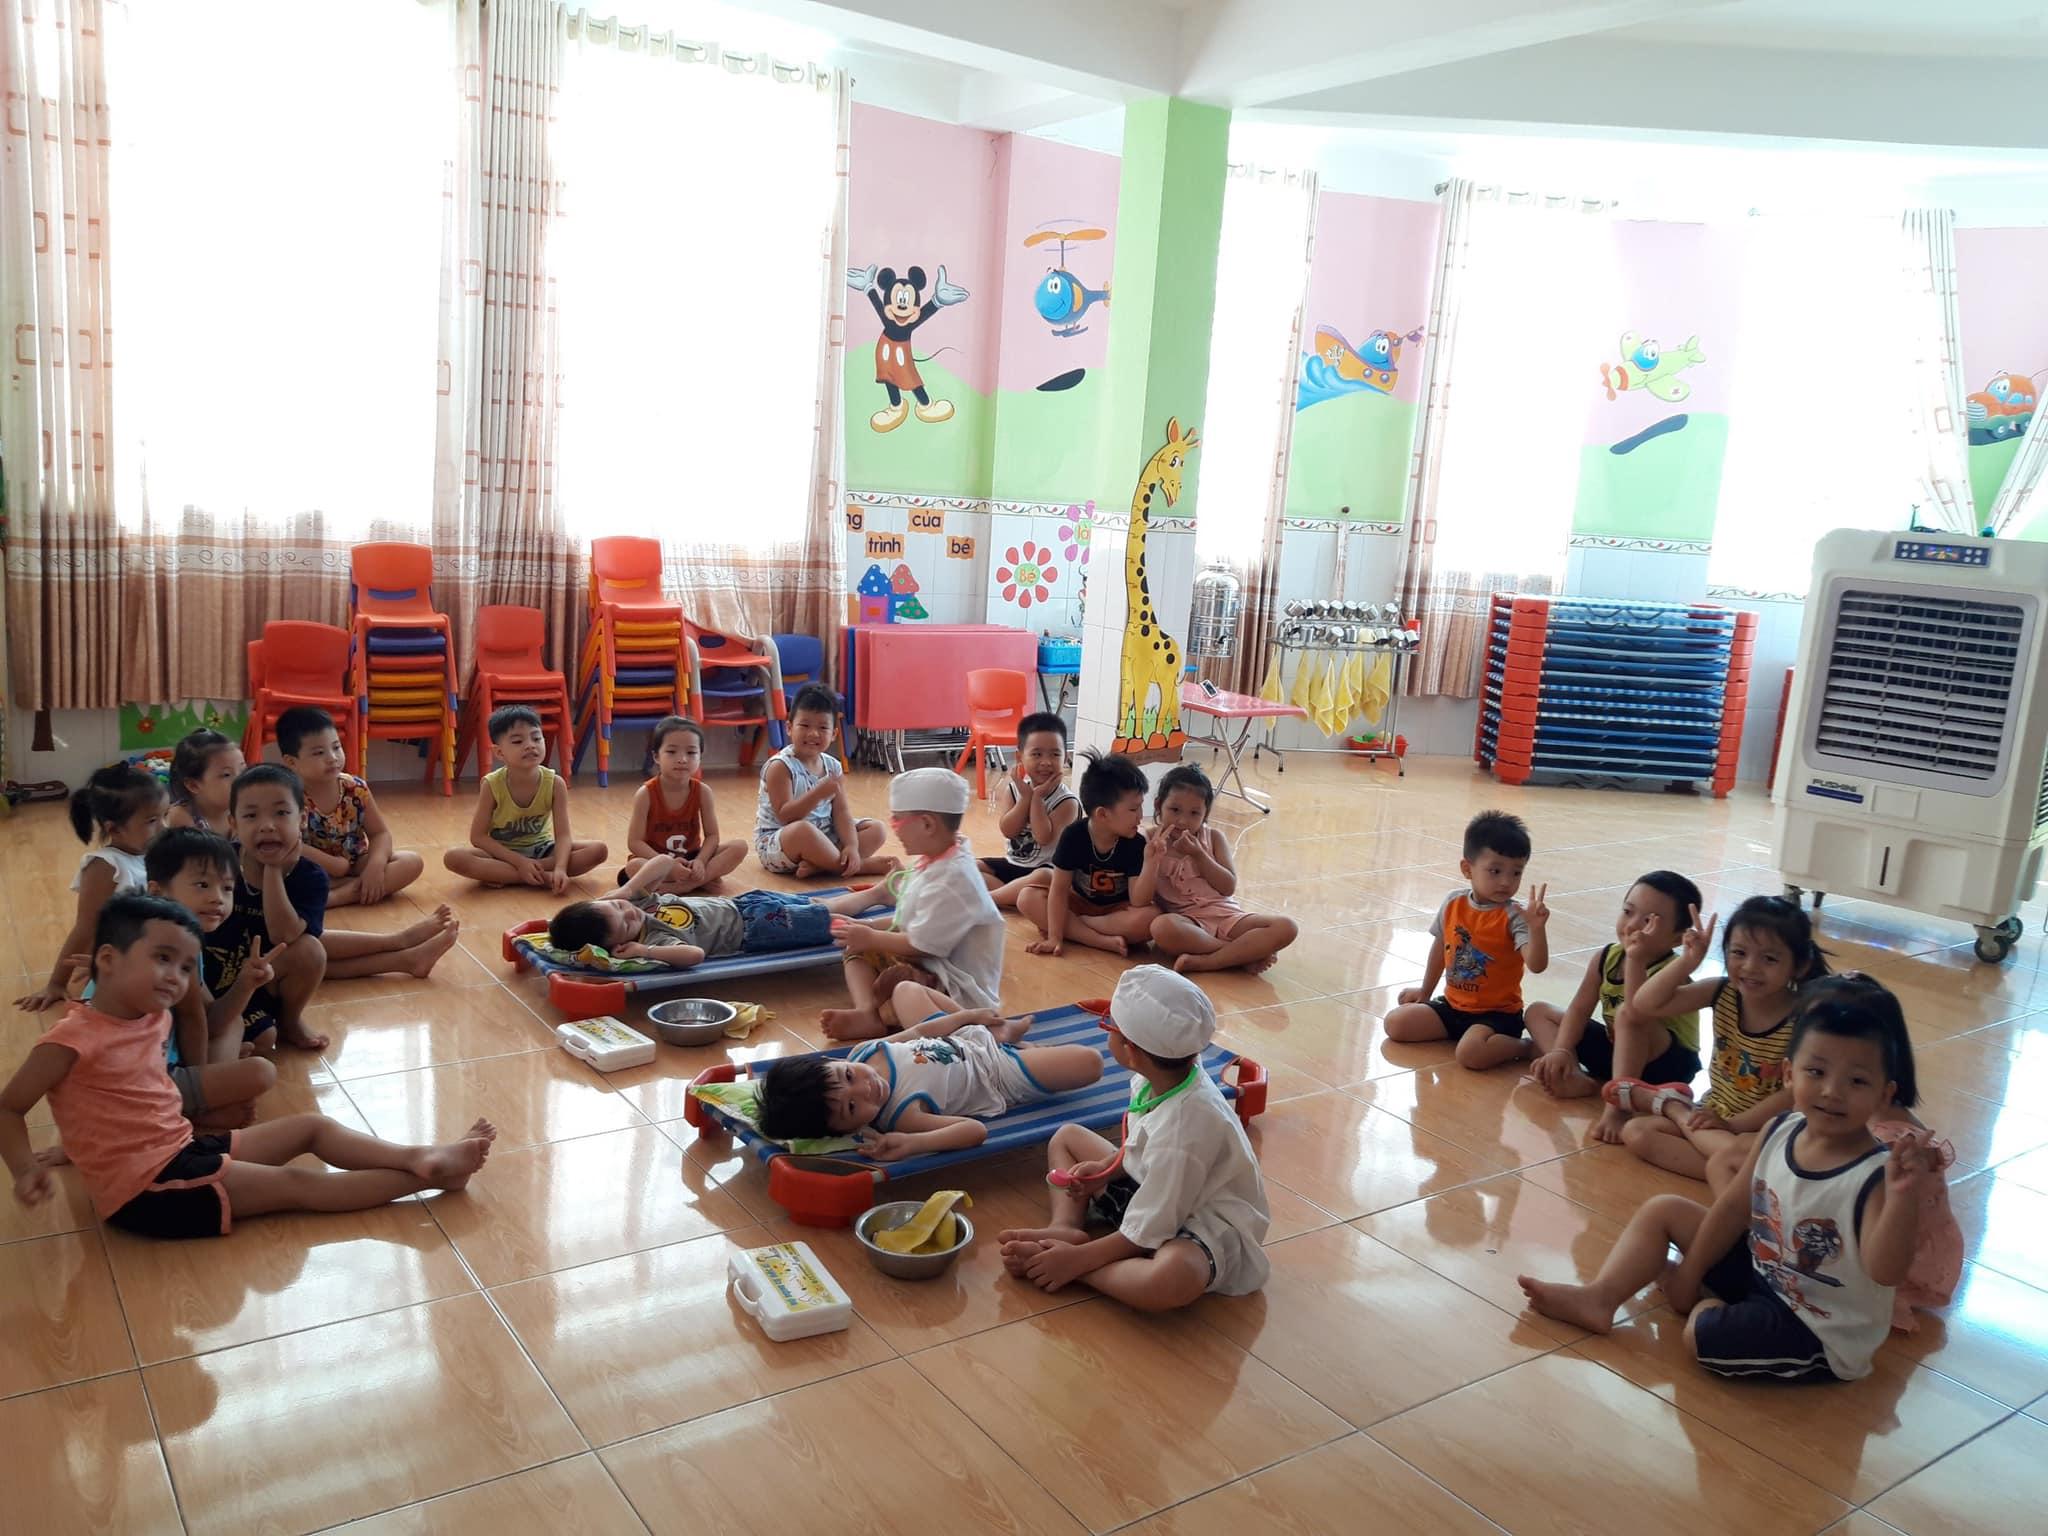 Trường mầm non Ban Mai Xanh - Nguyễn Phước Tần